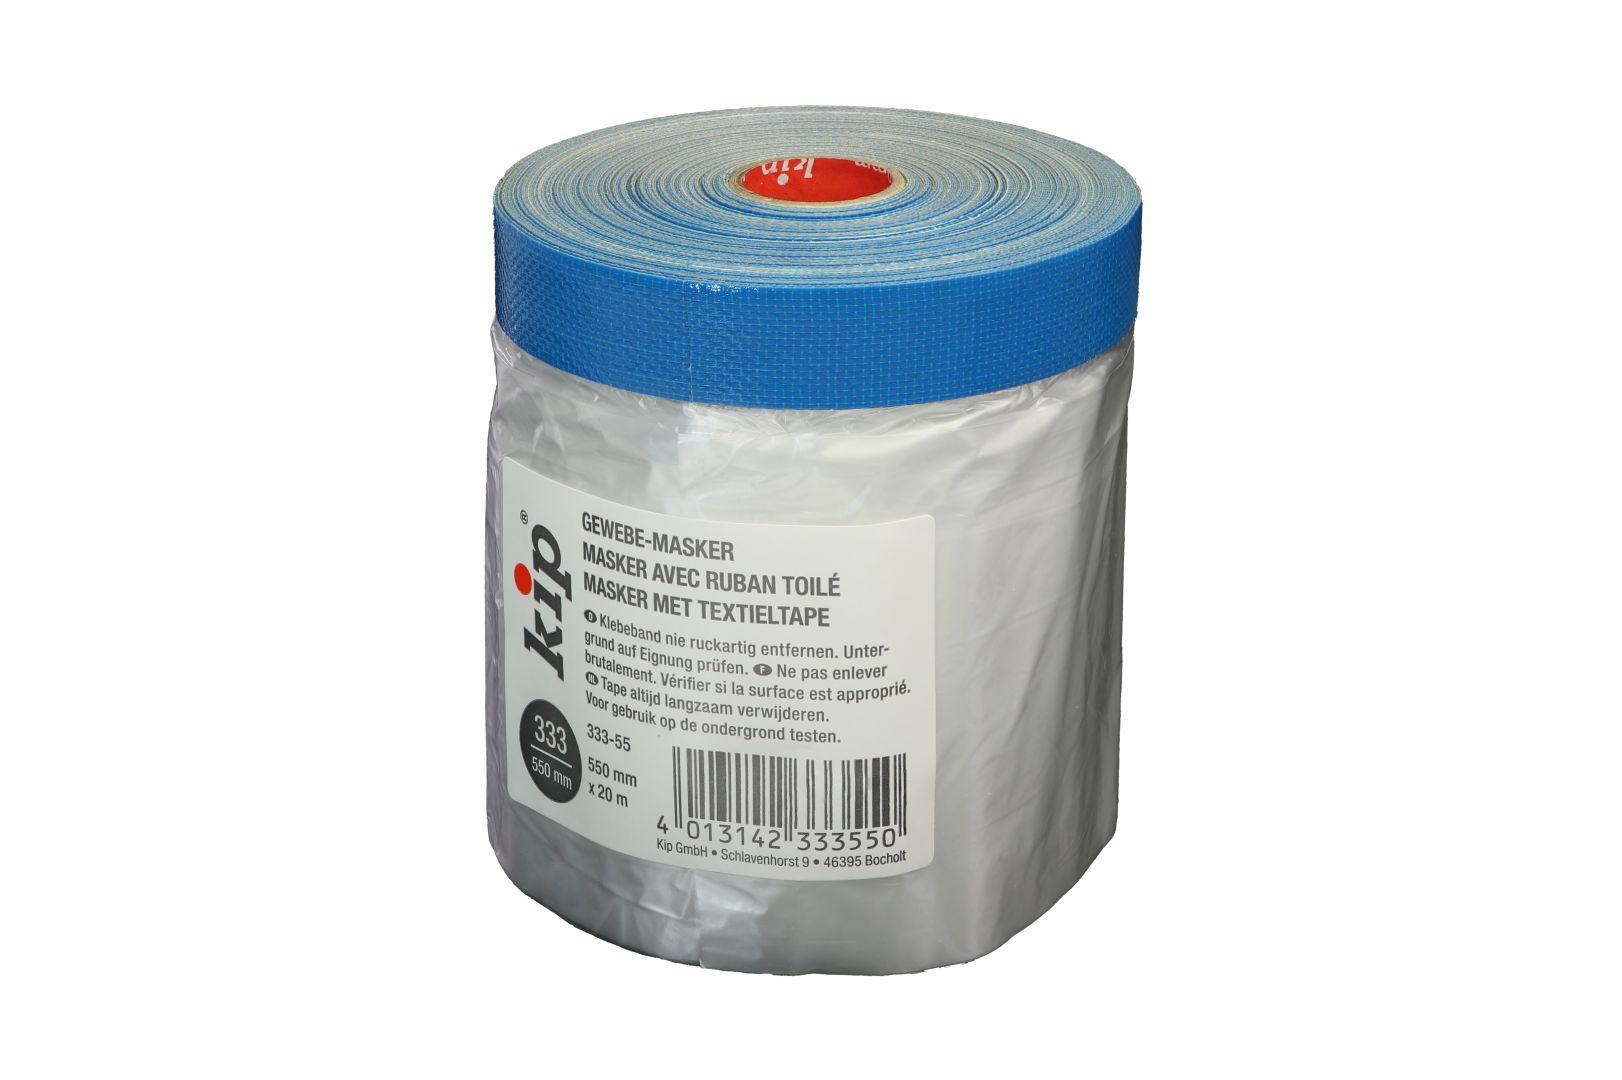 KIP 333-55 Gewebemasker, Premium Gewebeband, blau, 550 mm x 20 m